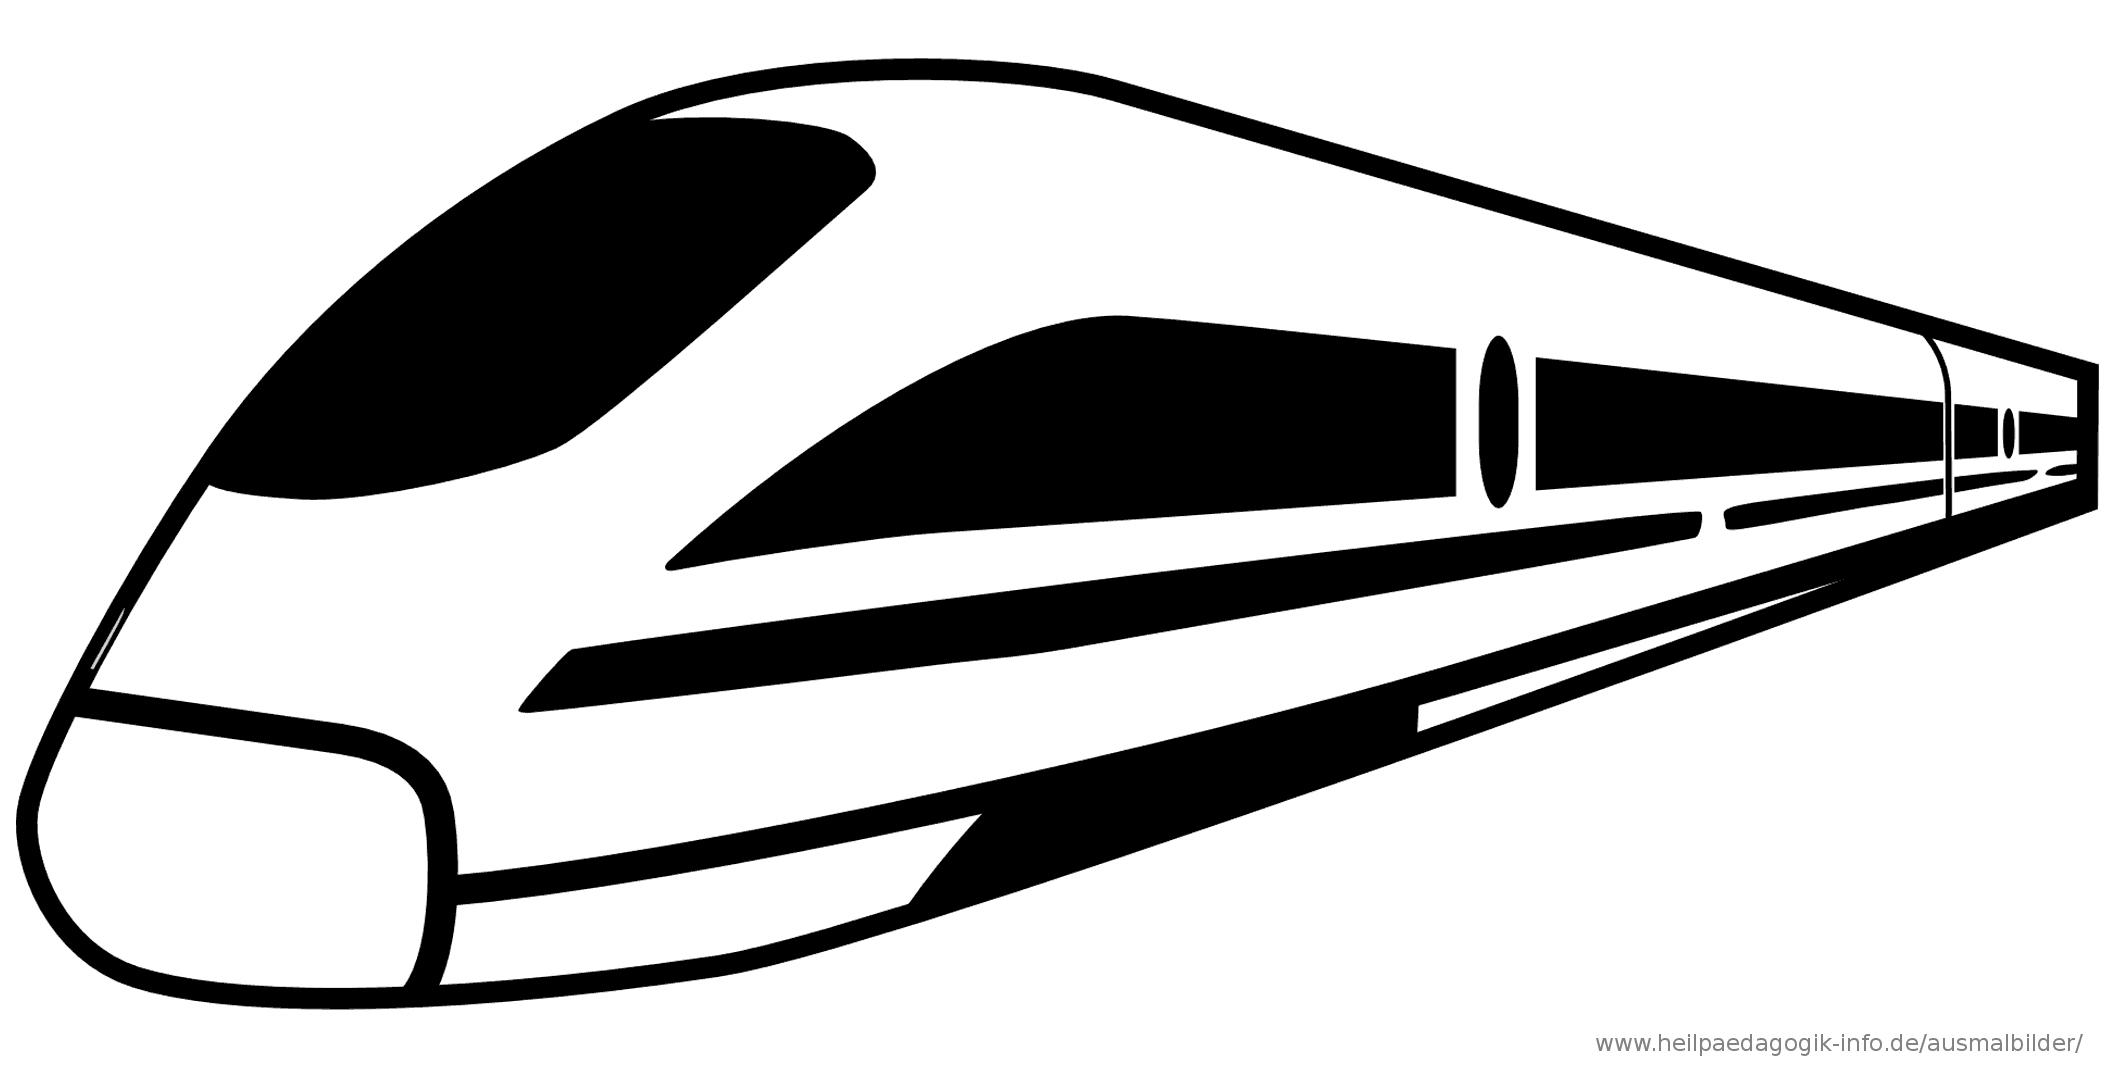 Ausmalbilder Eisenbahn - 1Ausmalbilder   Ausmalen verwandt mit Ausmalbild Zug